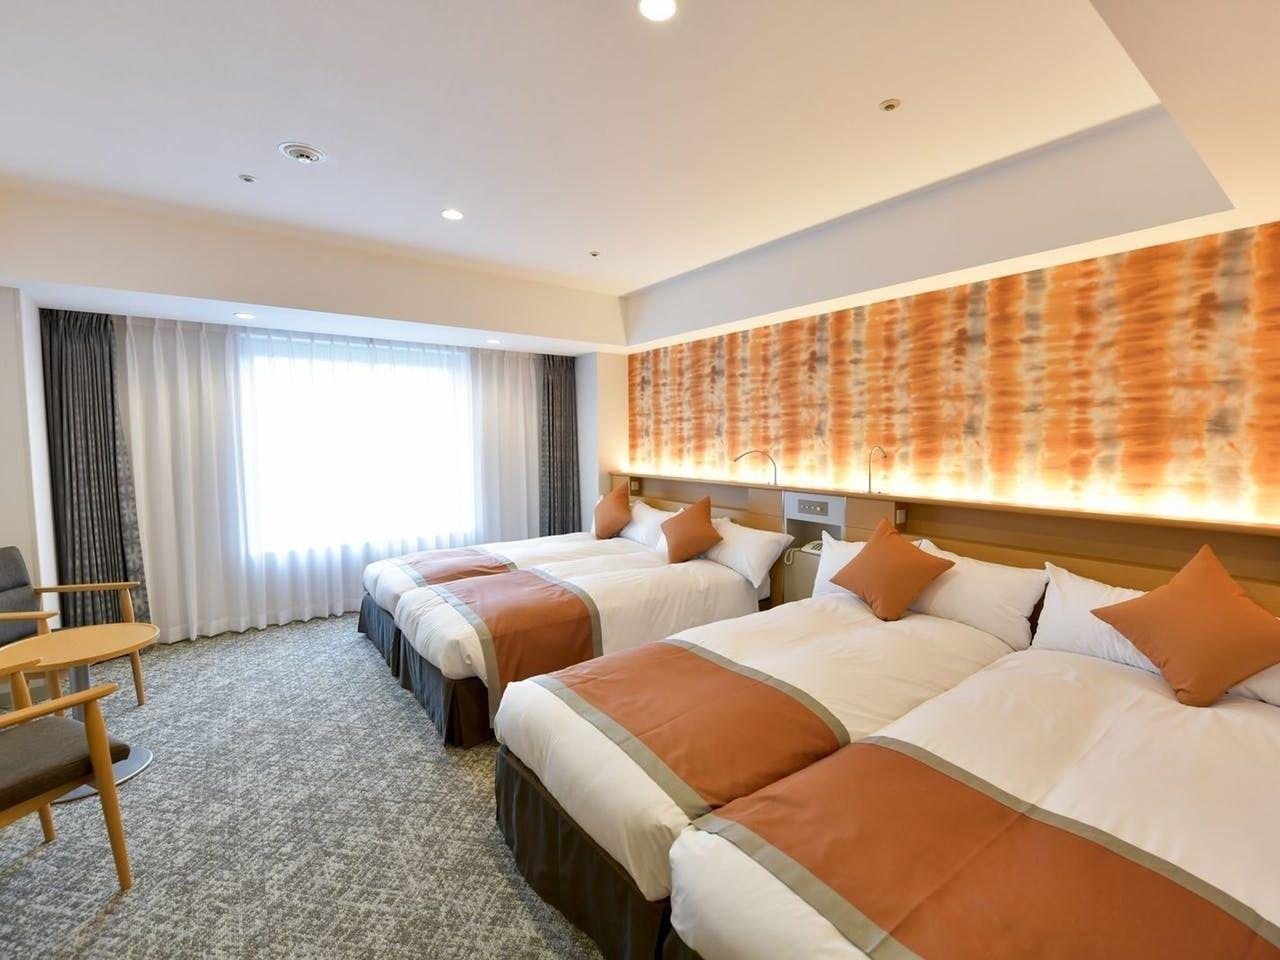 成田空港周辺の人気のおすすめホテル10選!前泊・後泊に便利♪の画像